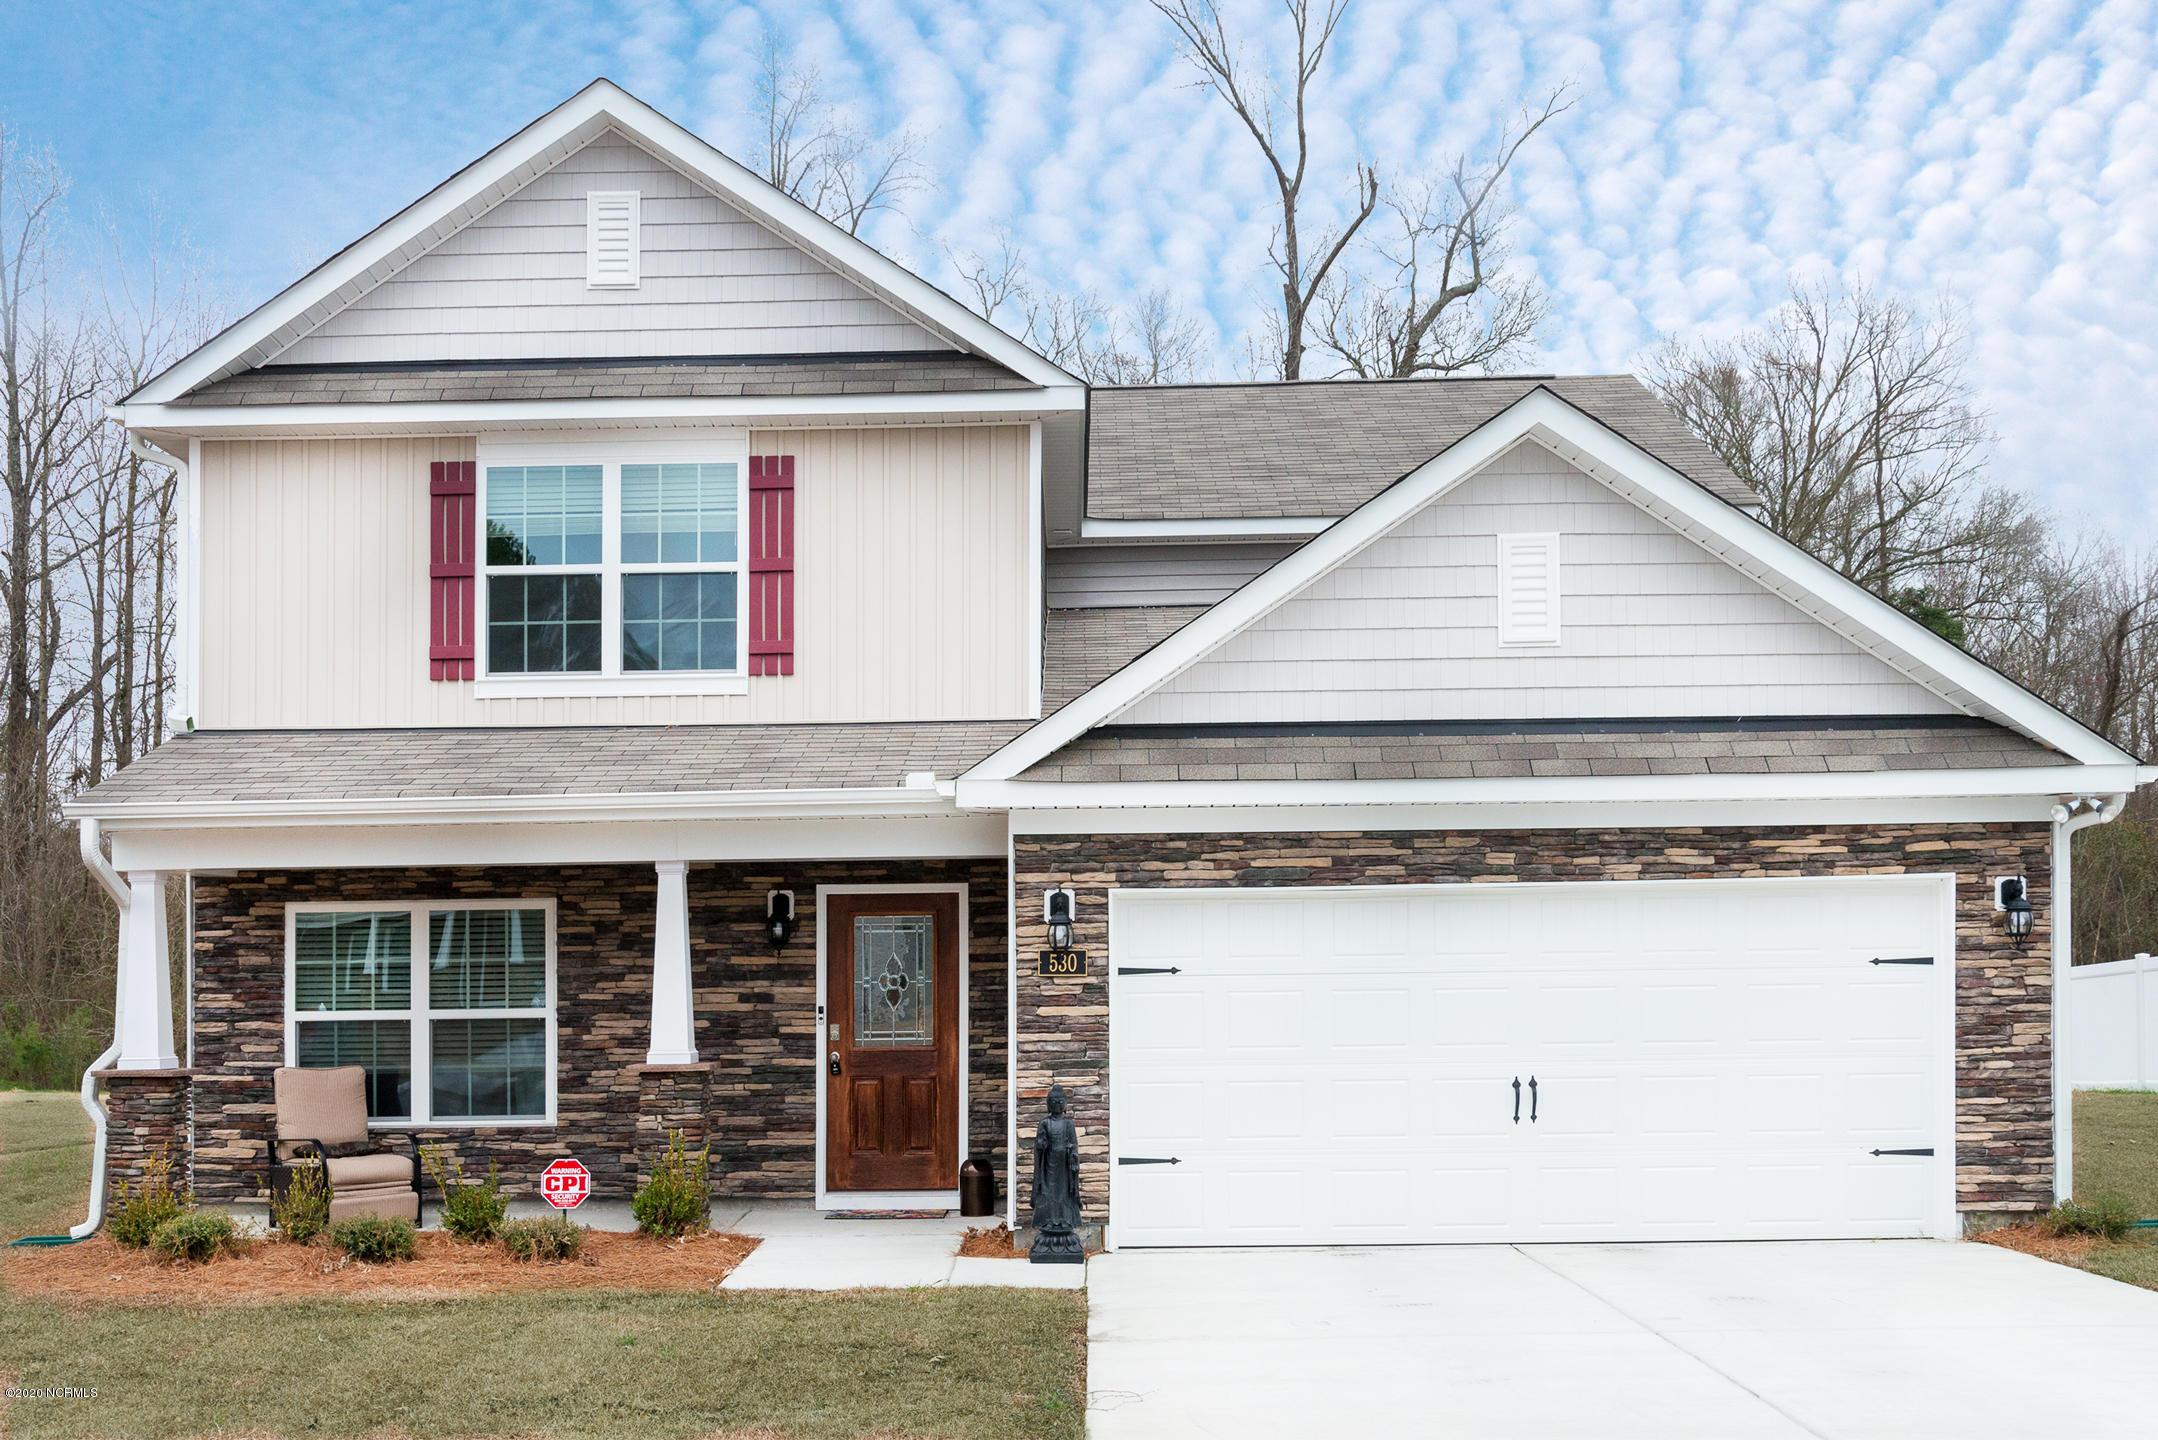 530 Denali Road, Winterville, North Carolina 28590, 4 Bedrooms Bedrooms, ,2 BathroomsBathrooms,Residential,For Sale,Denali,100205483